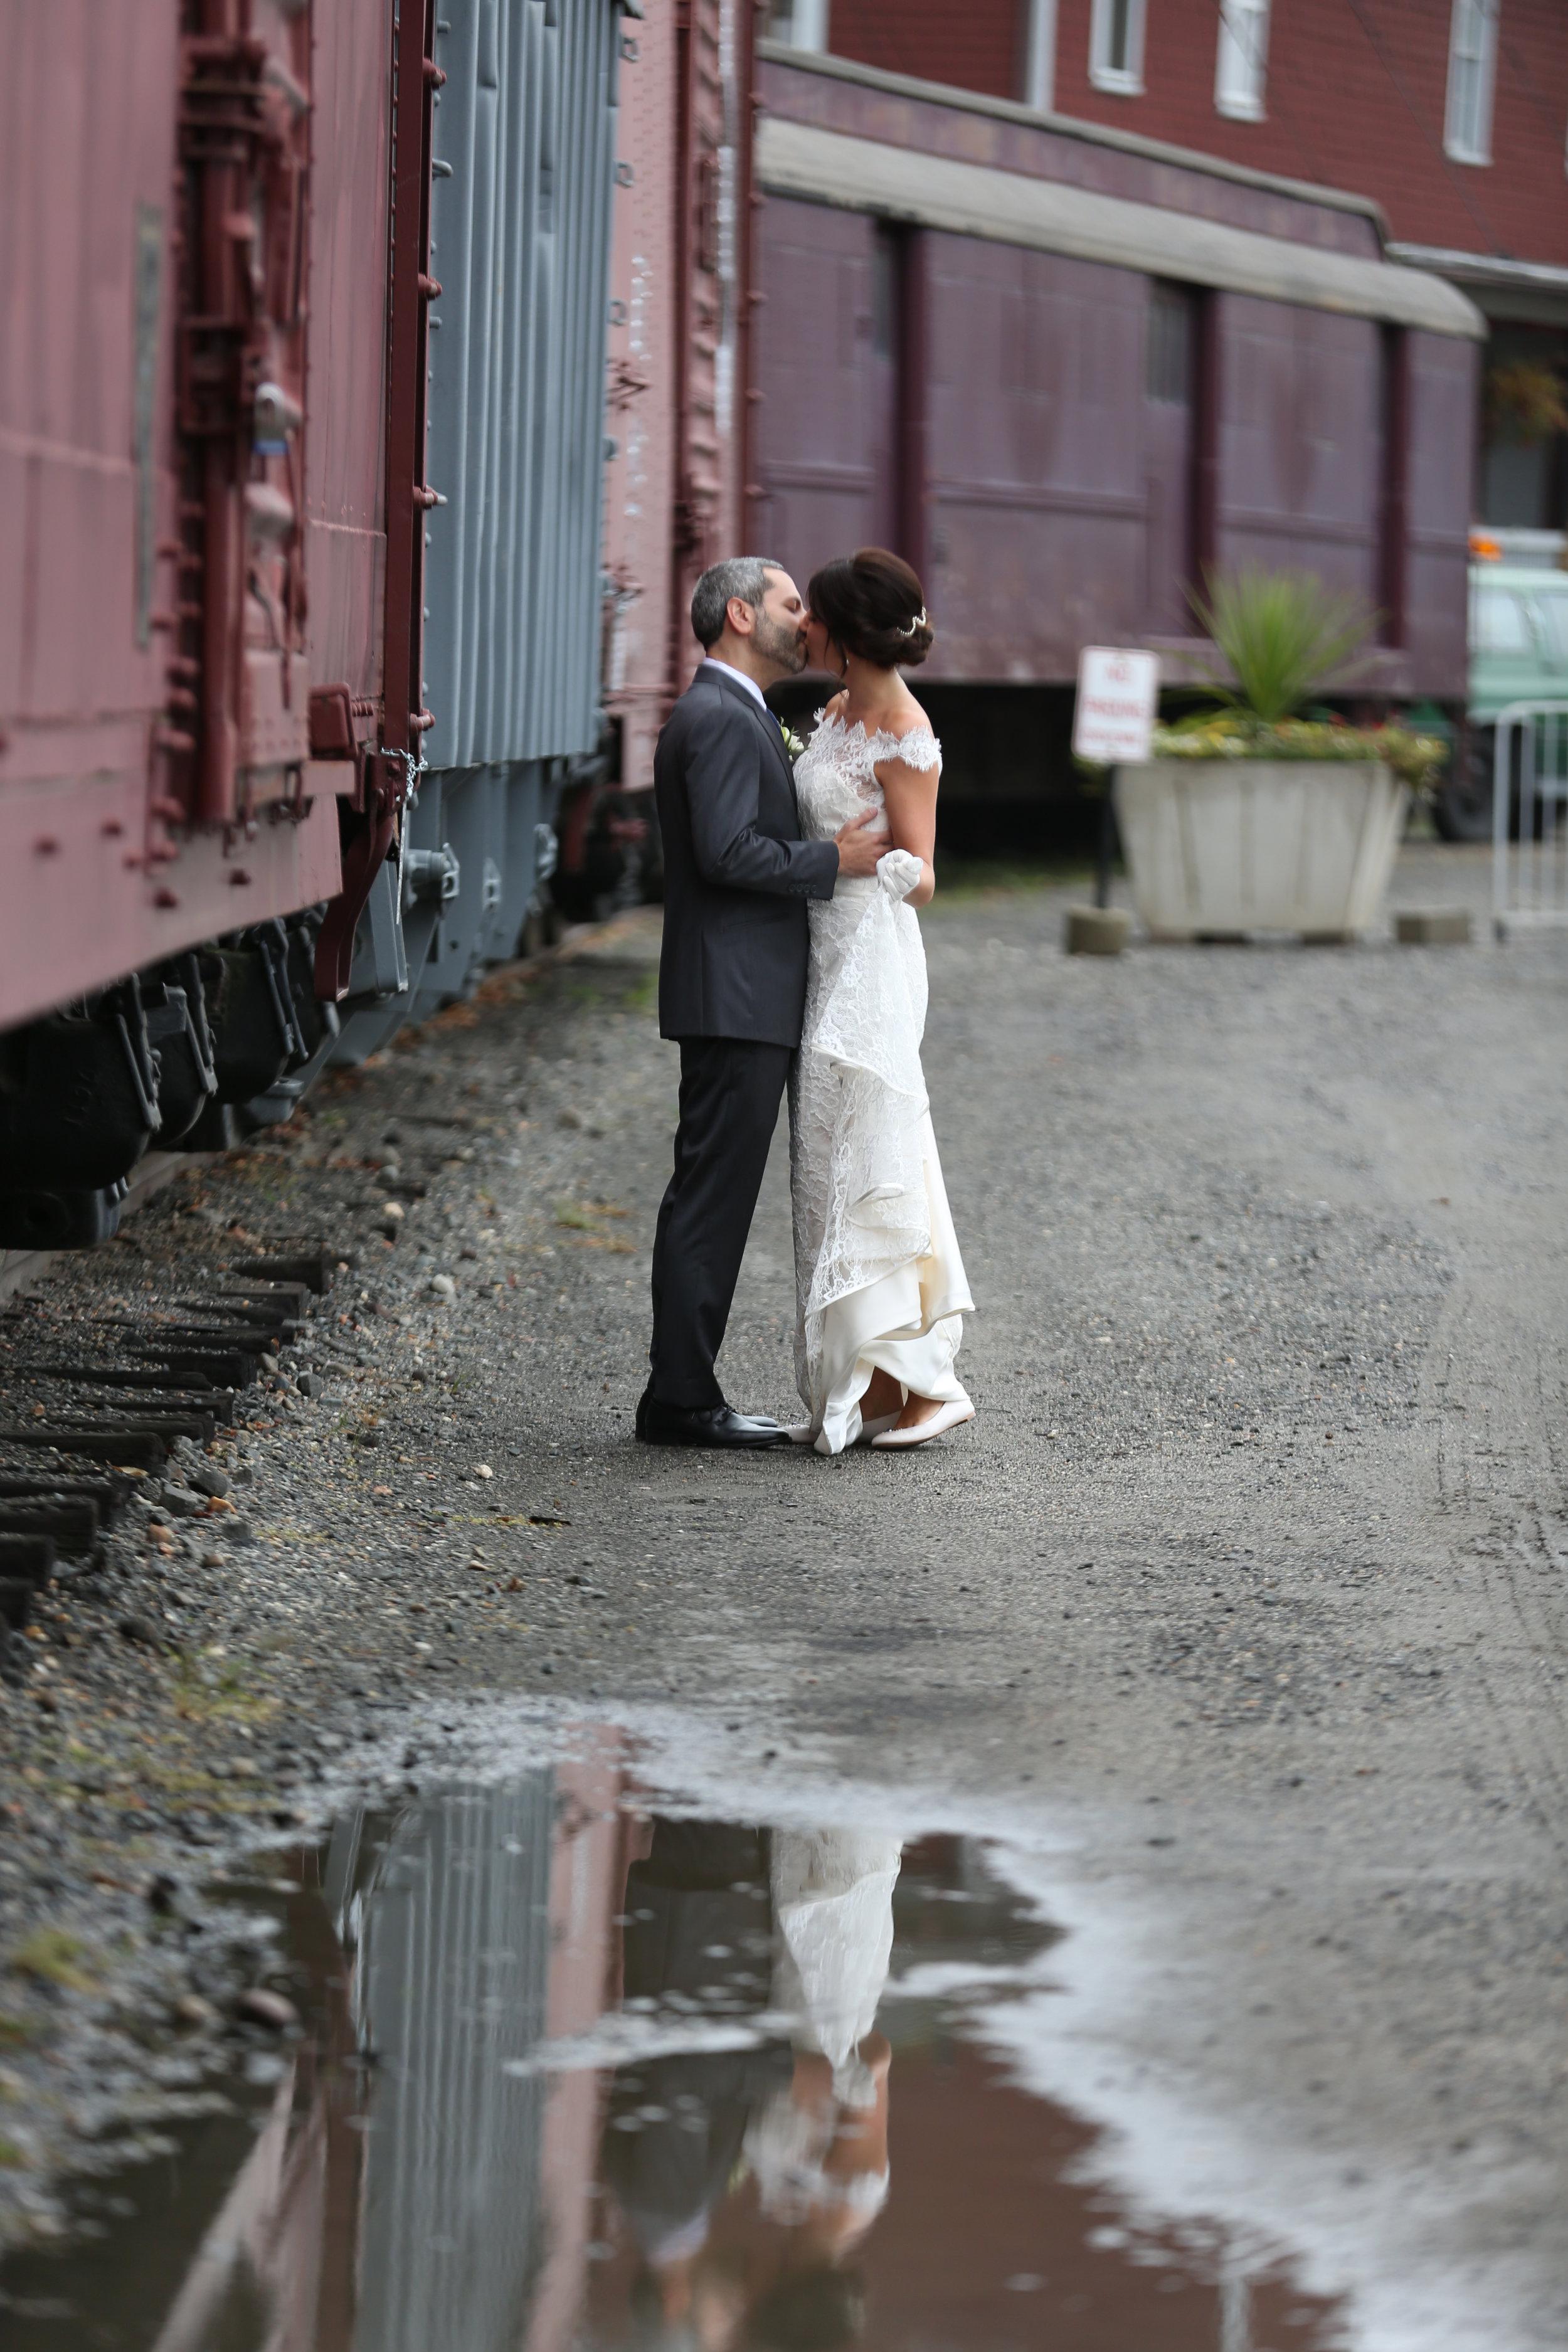 Lace Factory Wedding Essex Steam Train  CT Wedding Planner - 39.jpg